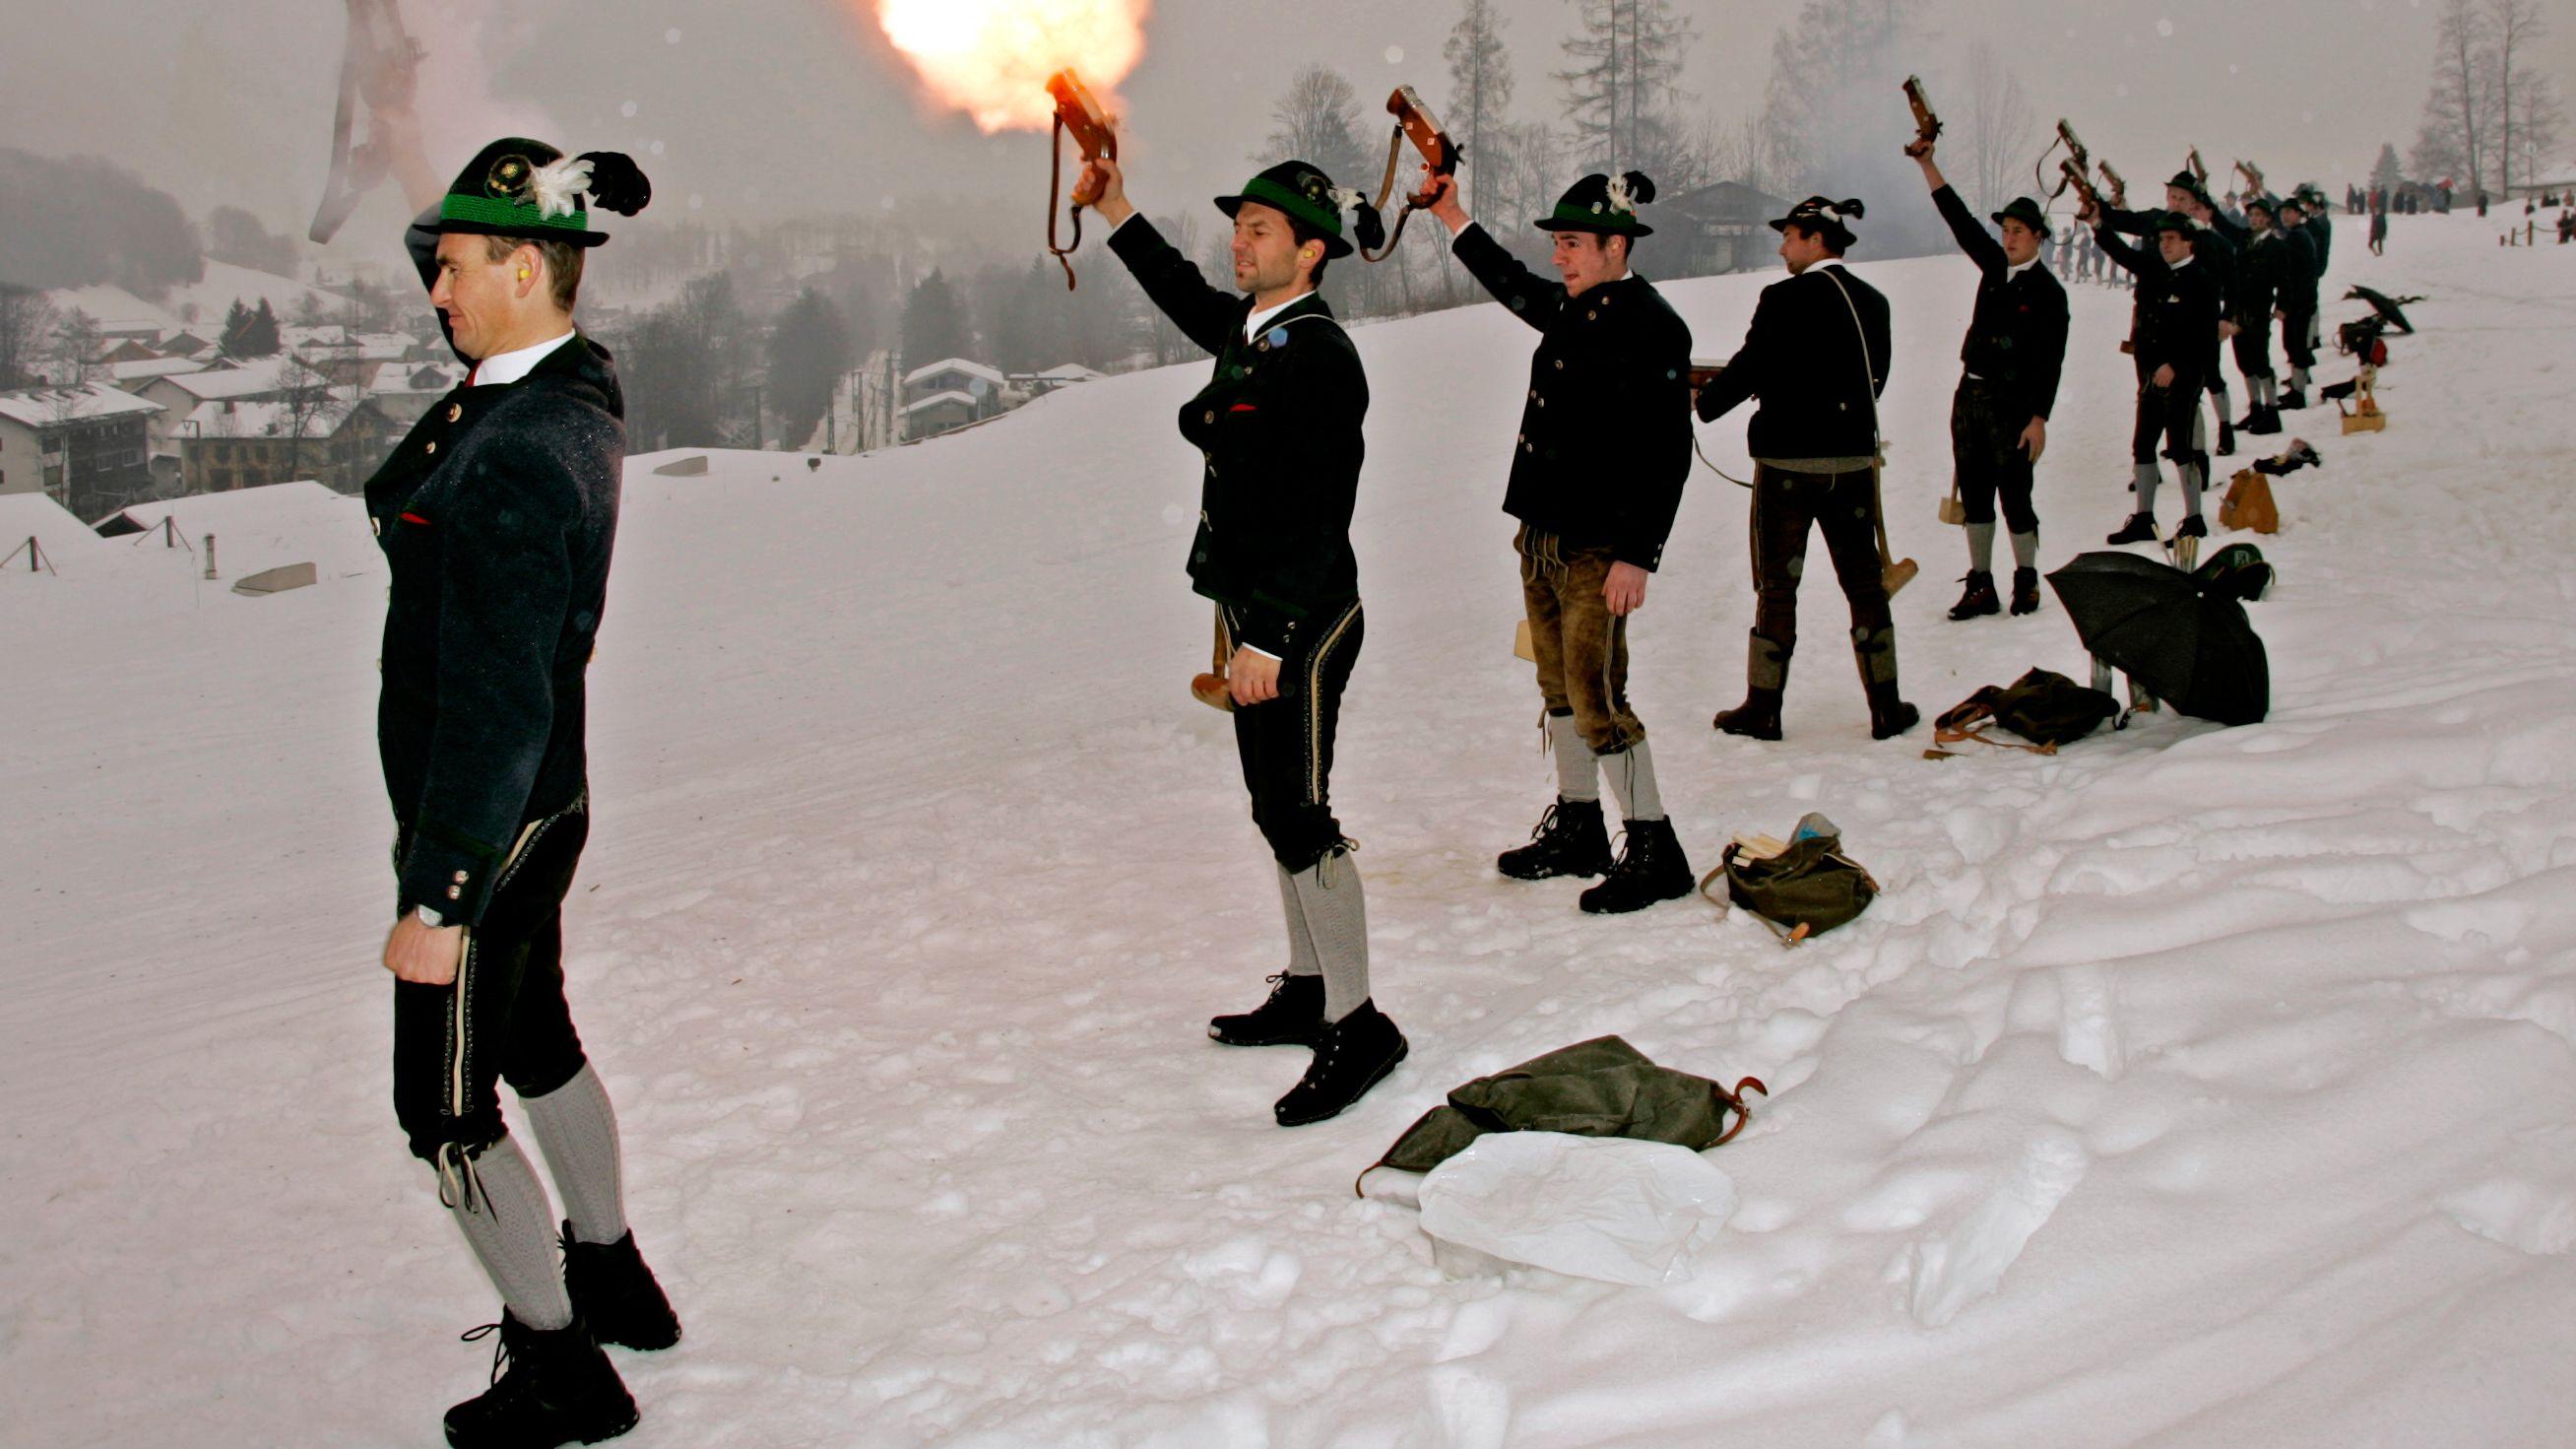 Die in traditioneller Tracht angetretenen Weihnachtsschützen lassen am  in Bischofswiesen im Berchtesgadener Land ihre Handböller krachen.